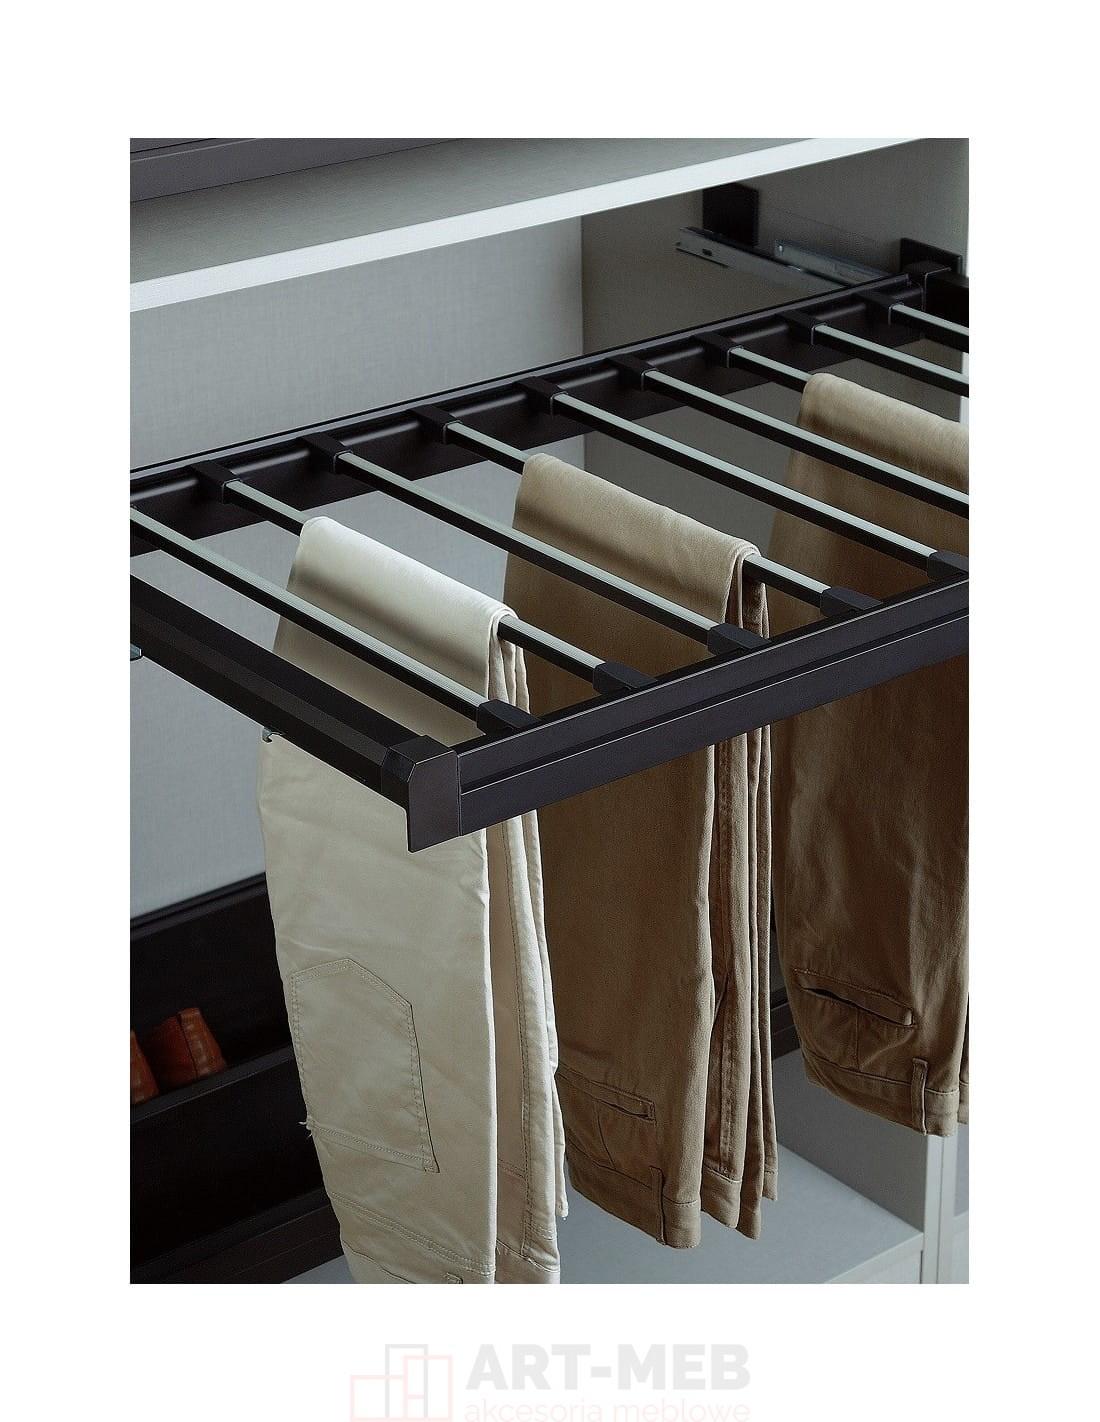 Półka wieszak wysuwny ELIS na spodnie biały 900mm